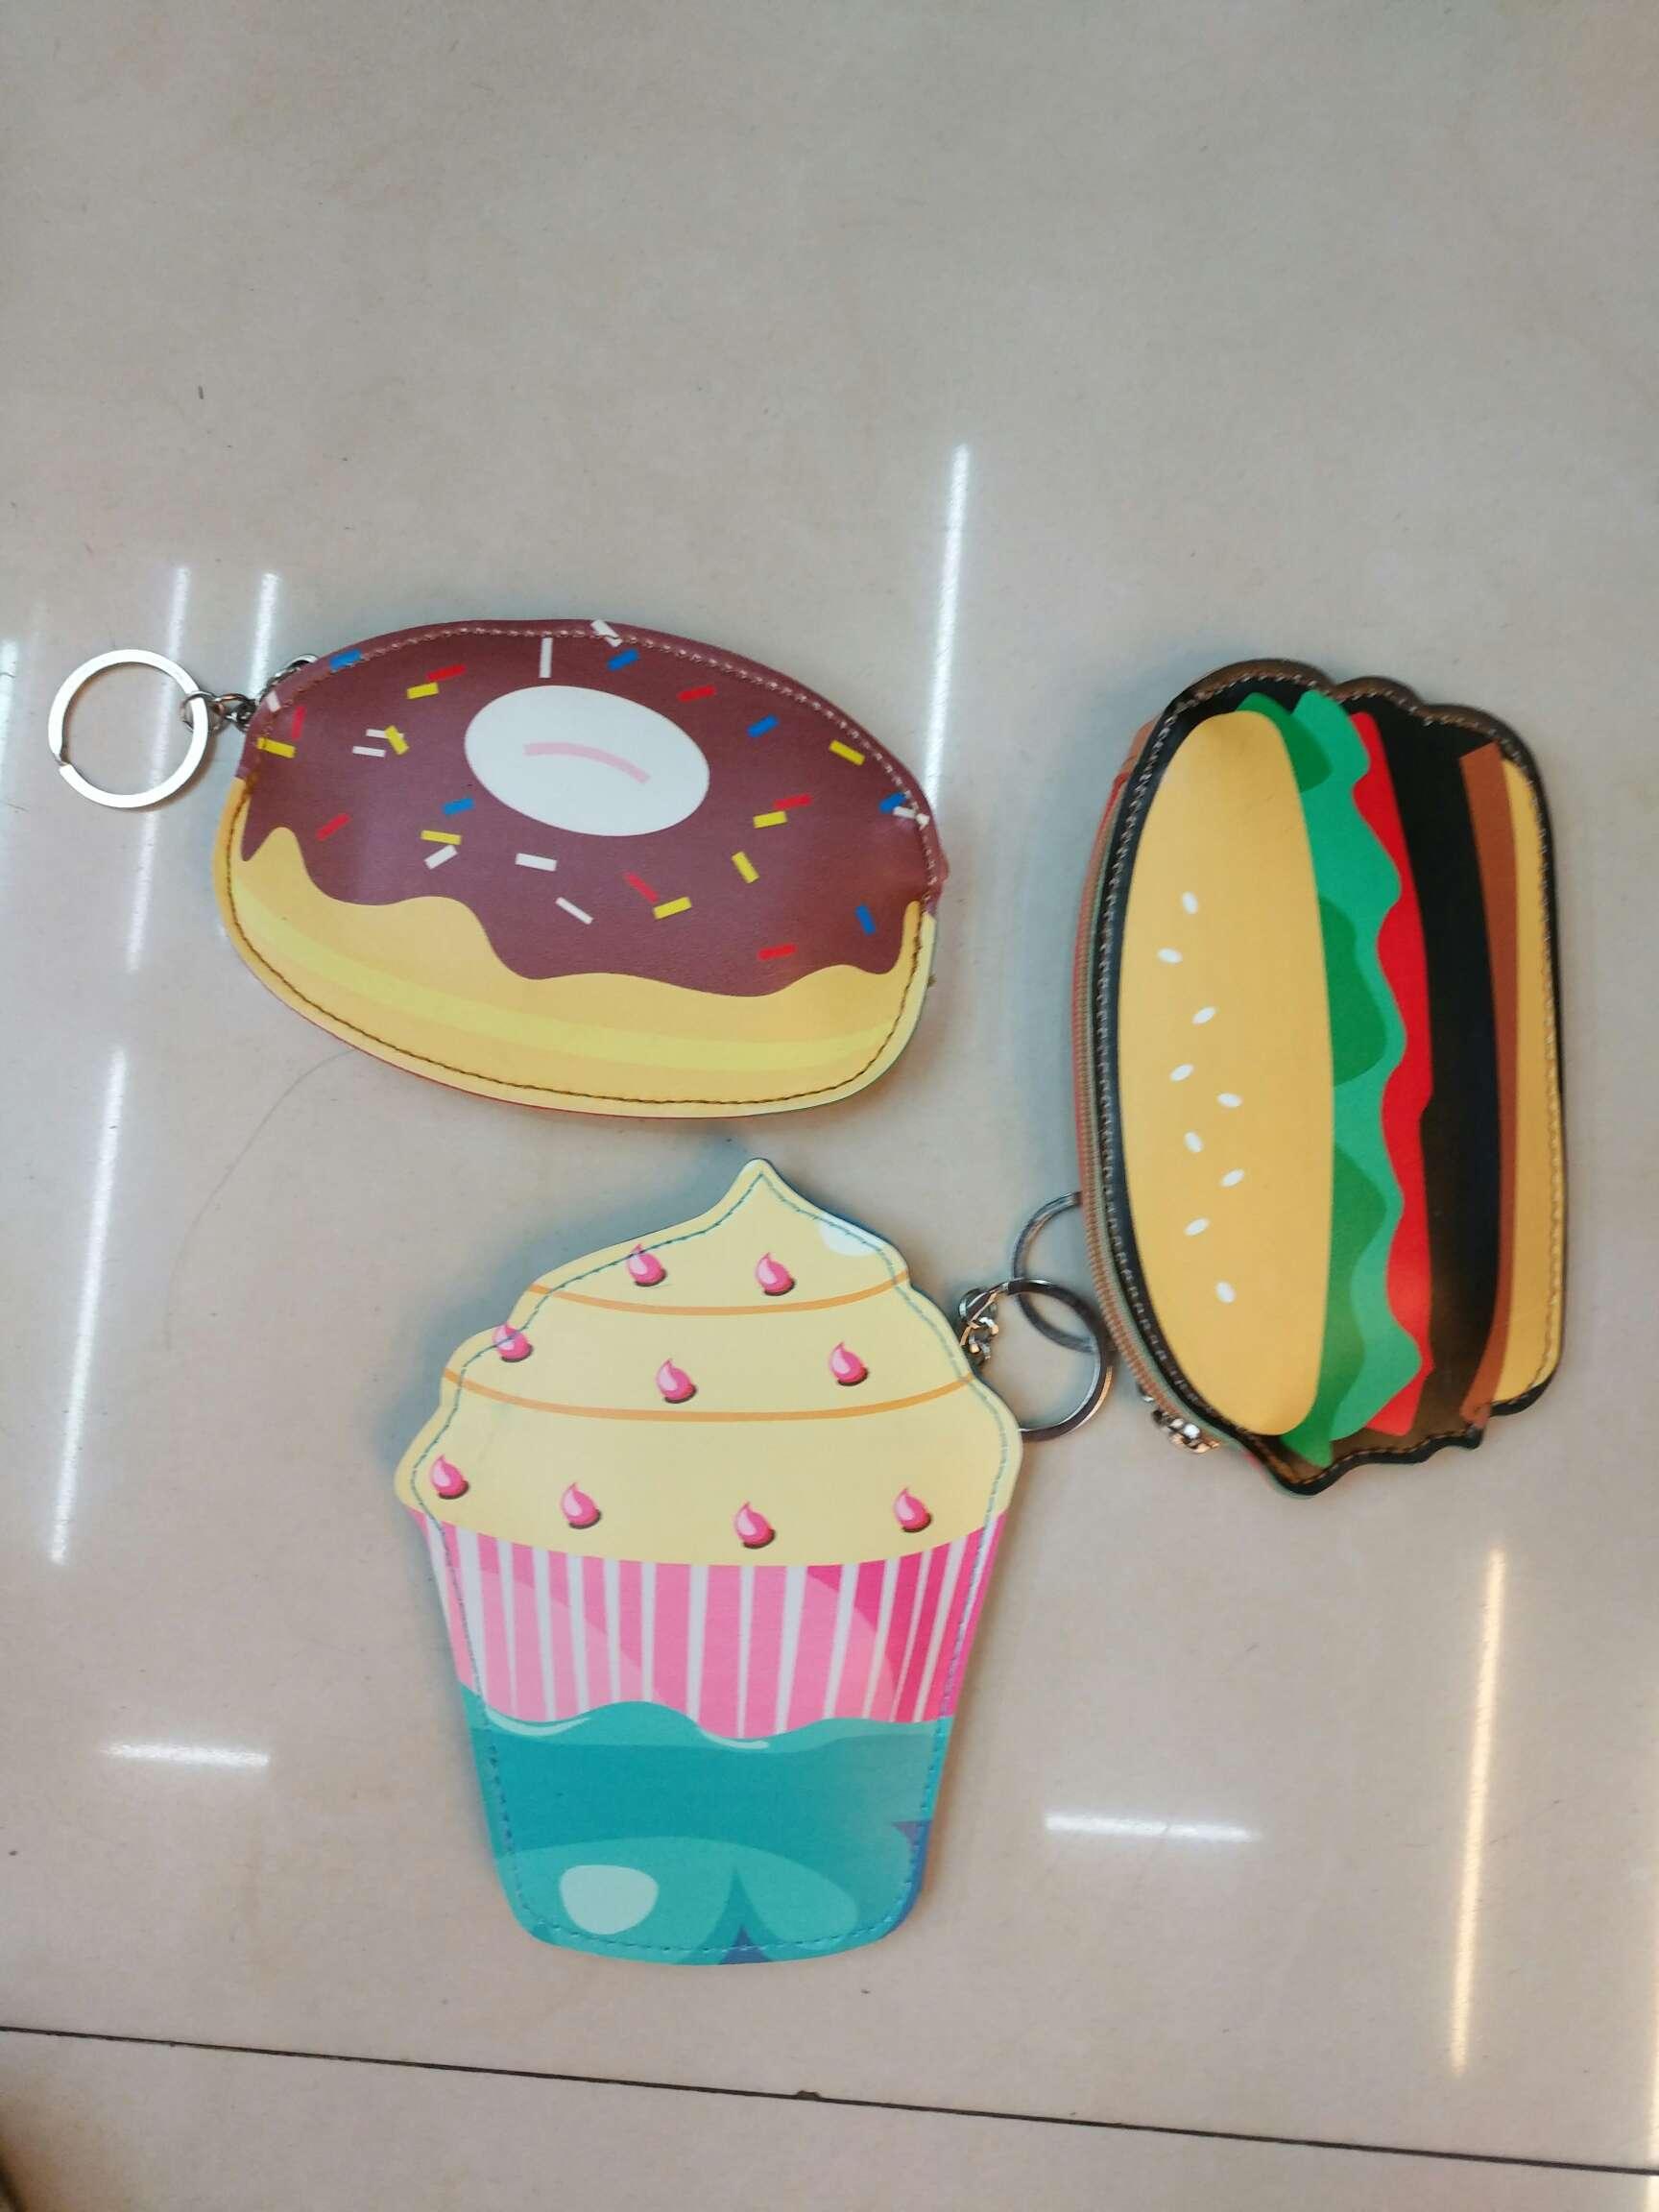 卡通水果电视机汉堡冰激凌照相机钥匙扣零钱包